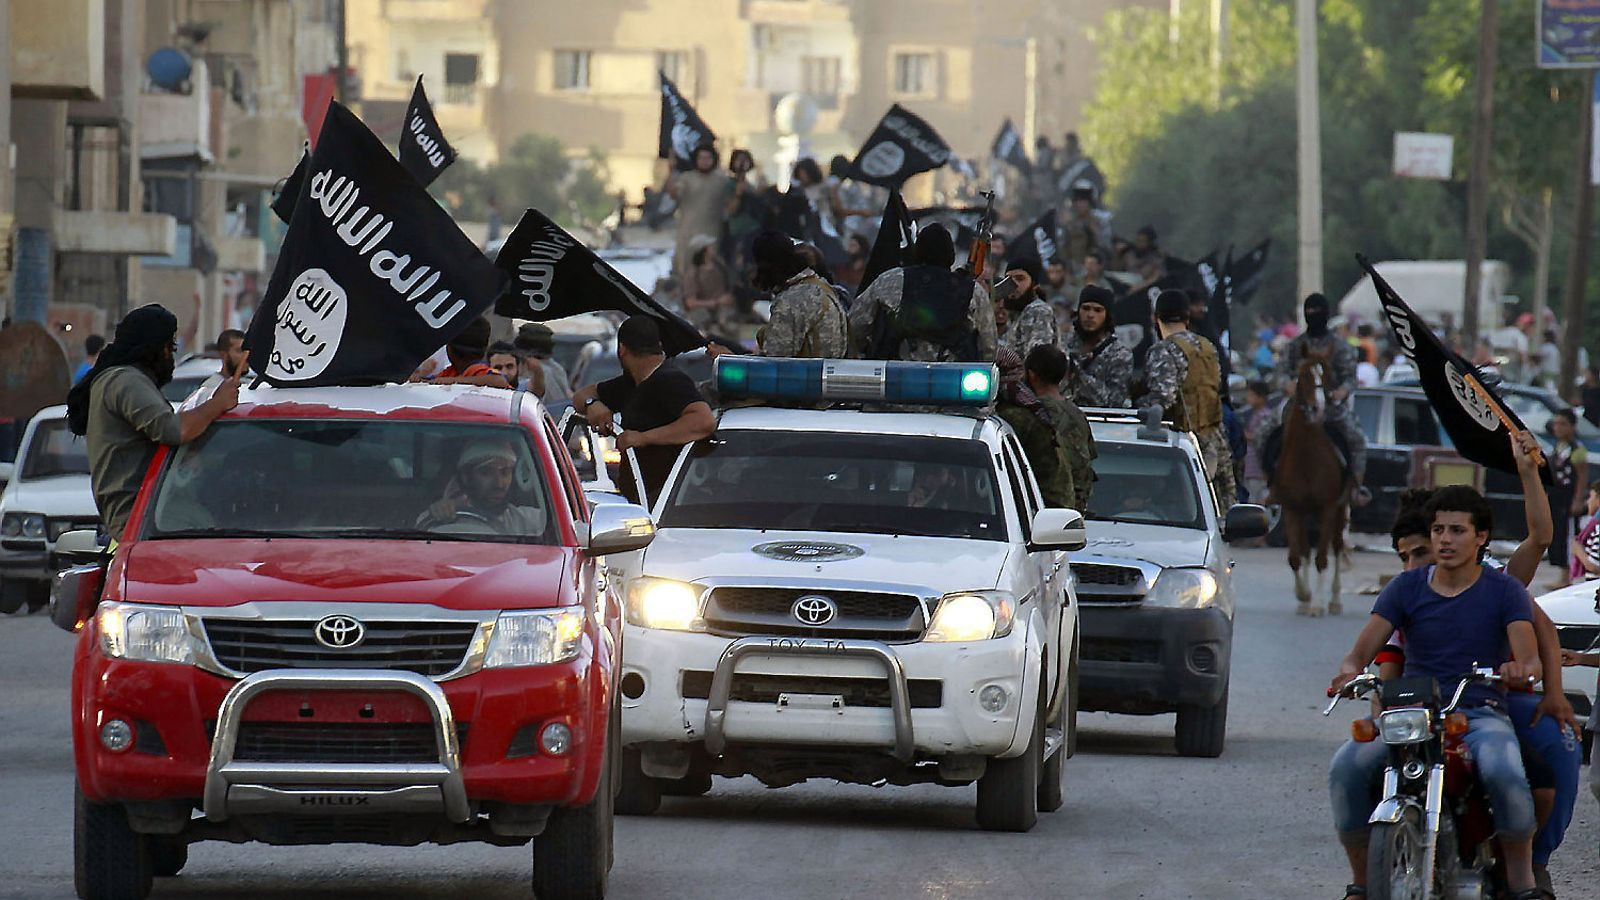 Com es finança l'Estat Islàmic?